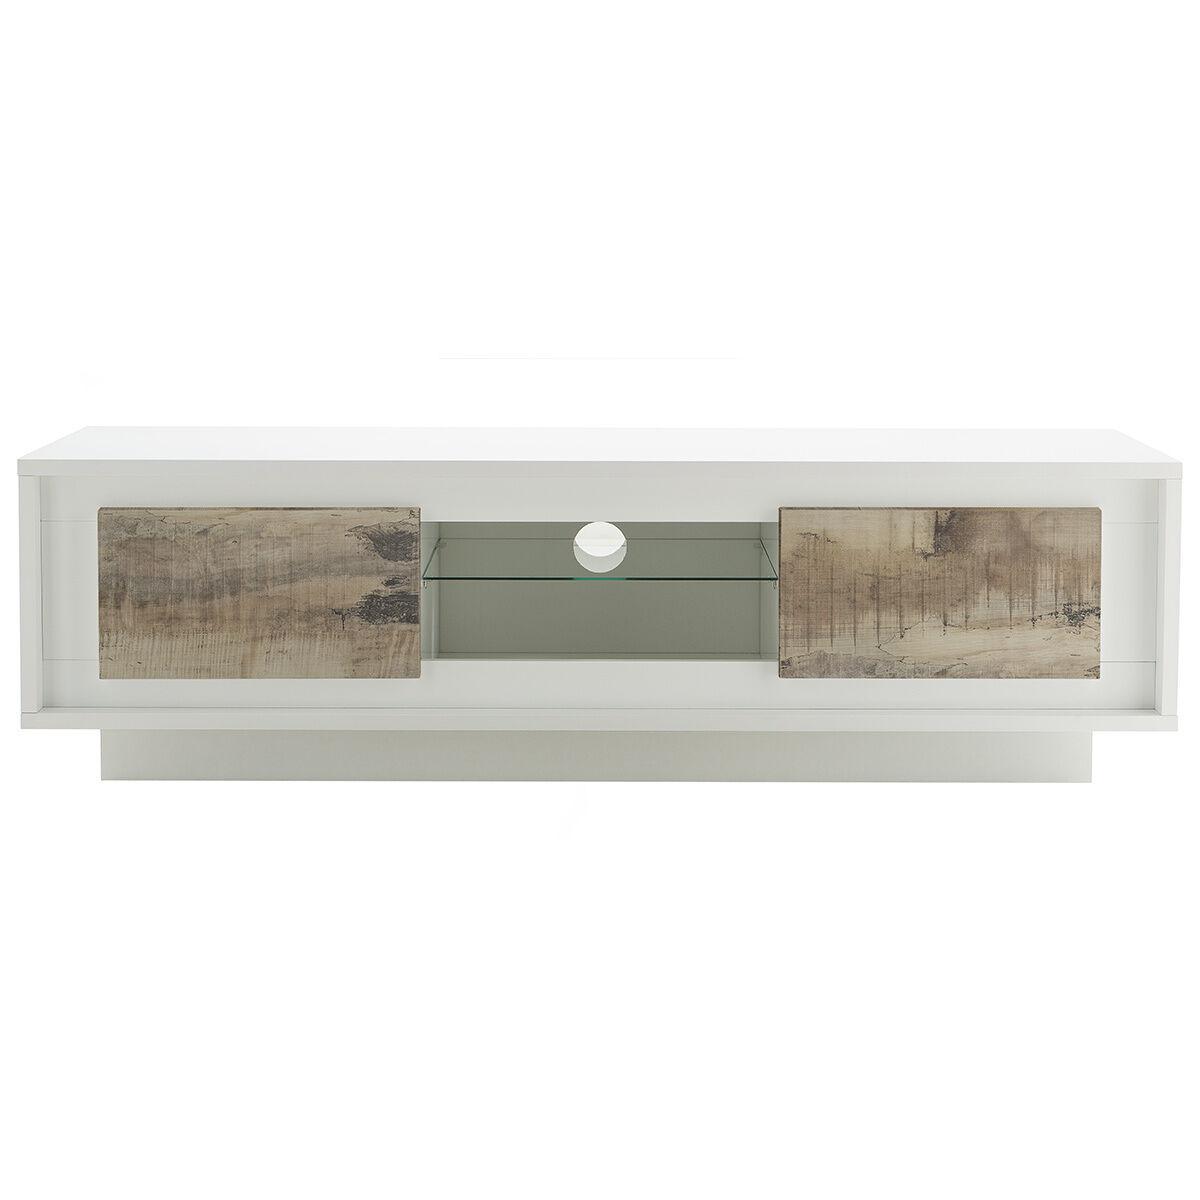 Miliboo Mobile TV, di design, colore: Bianco, con spazi per riporre i propri oggetti, stile: legno chiaro, modello: LAND-